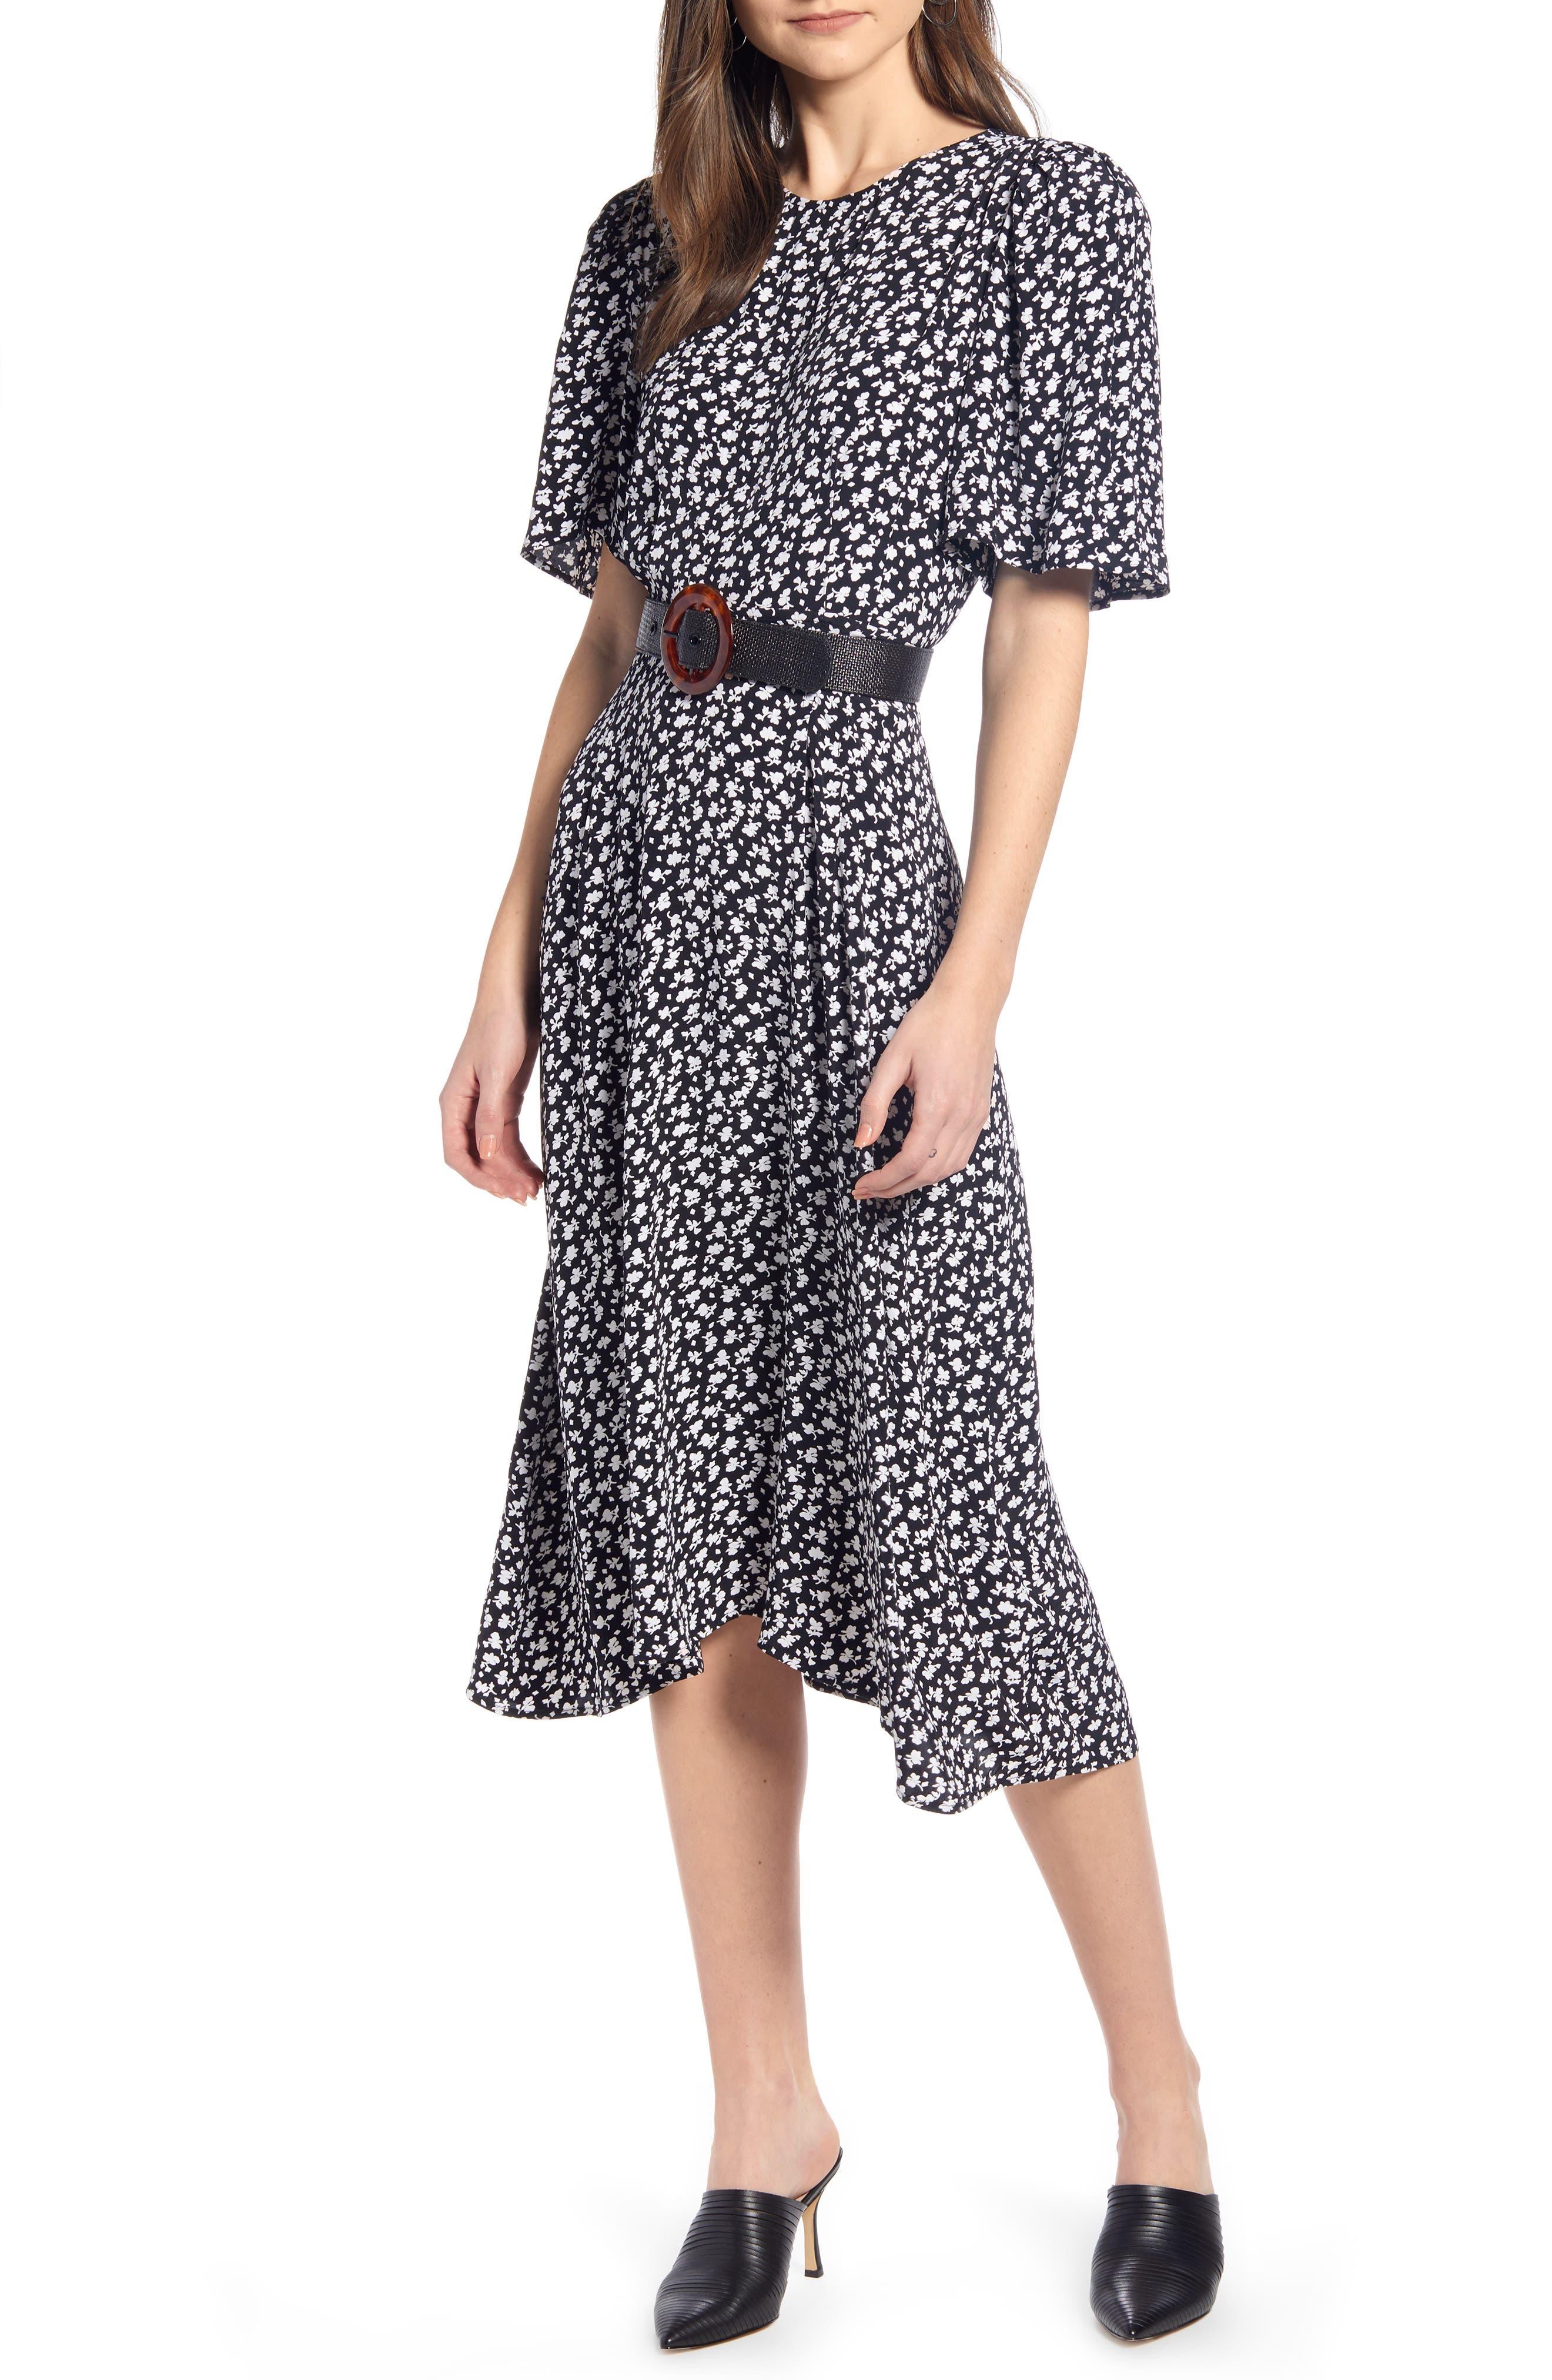 Tea Length Maxi Dresses